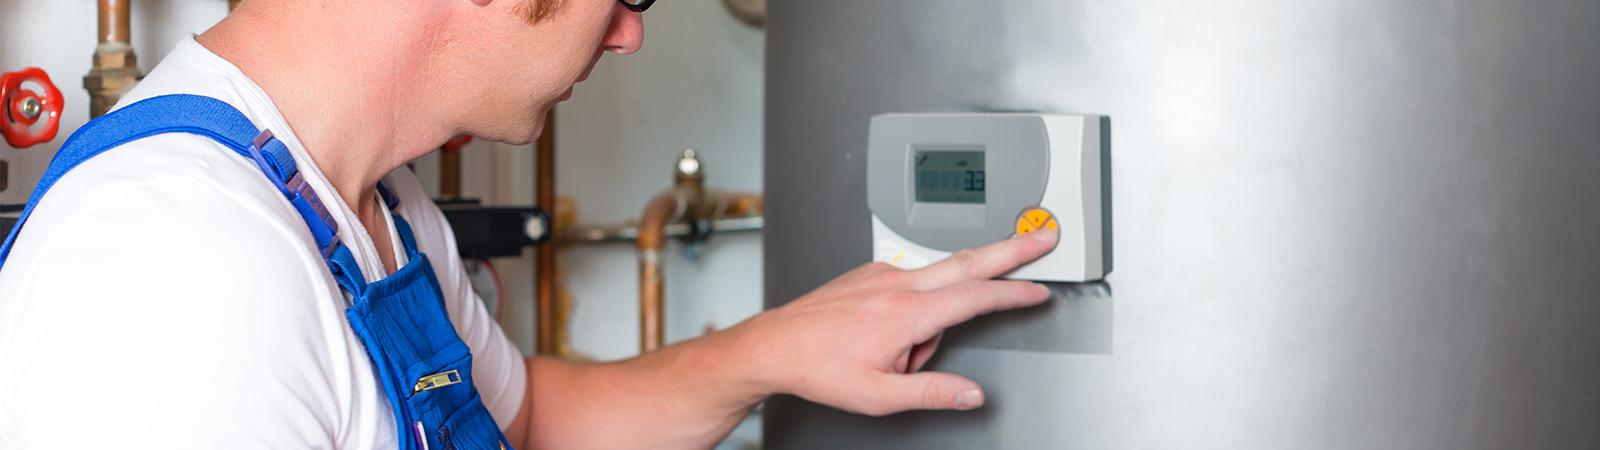 Heizungs und Sanitärtechniker kontrolliert Thermostat